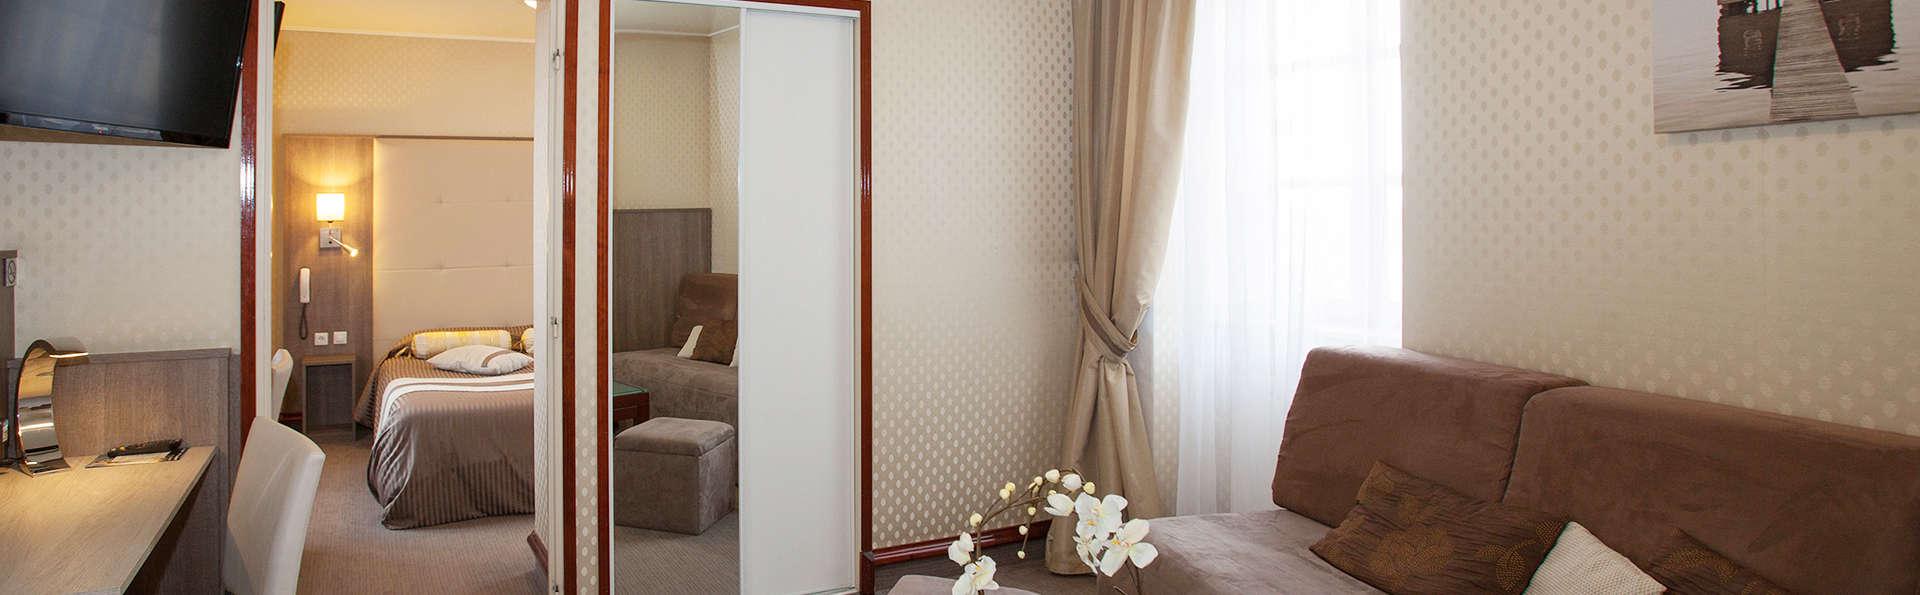 Hôtel Le Challonge - EDIT_room1.jpg